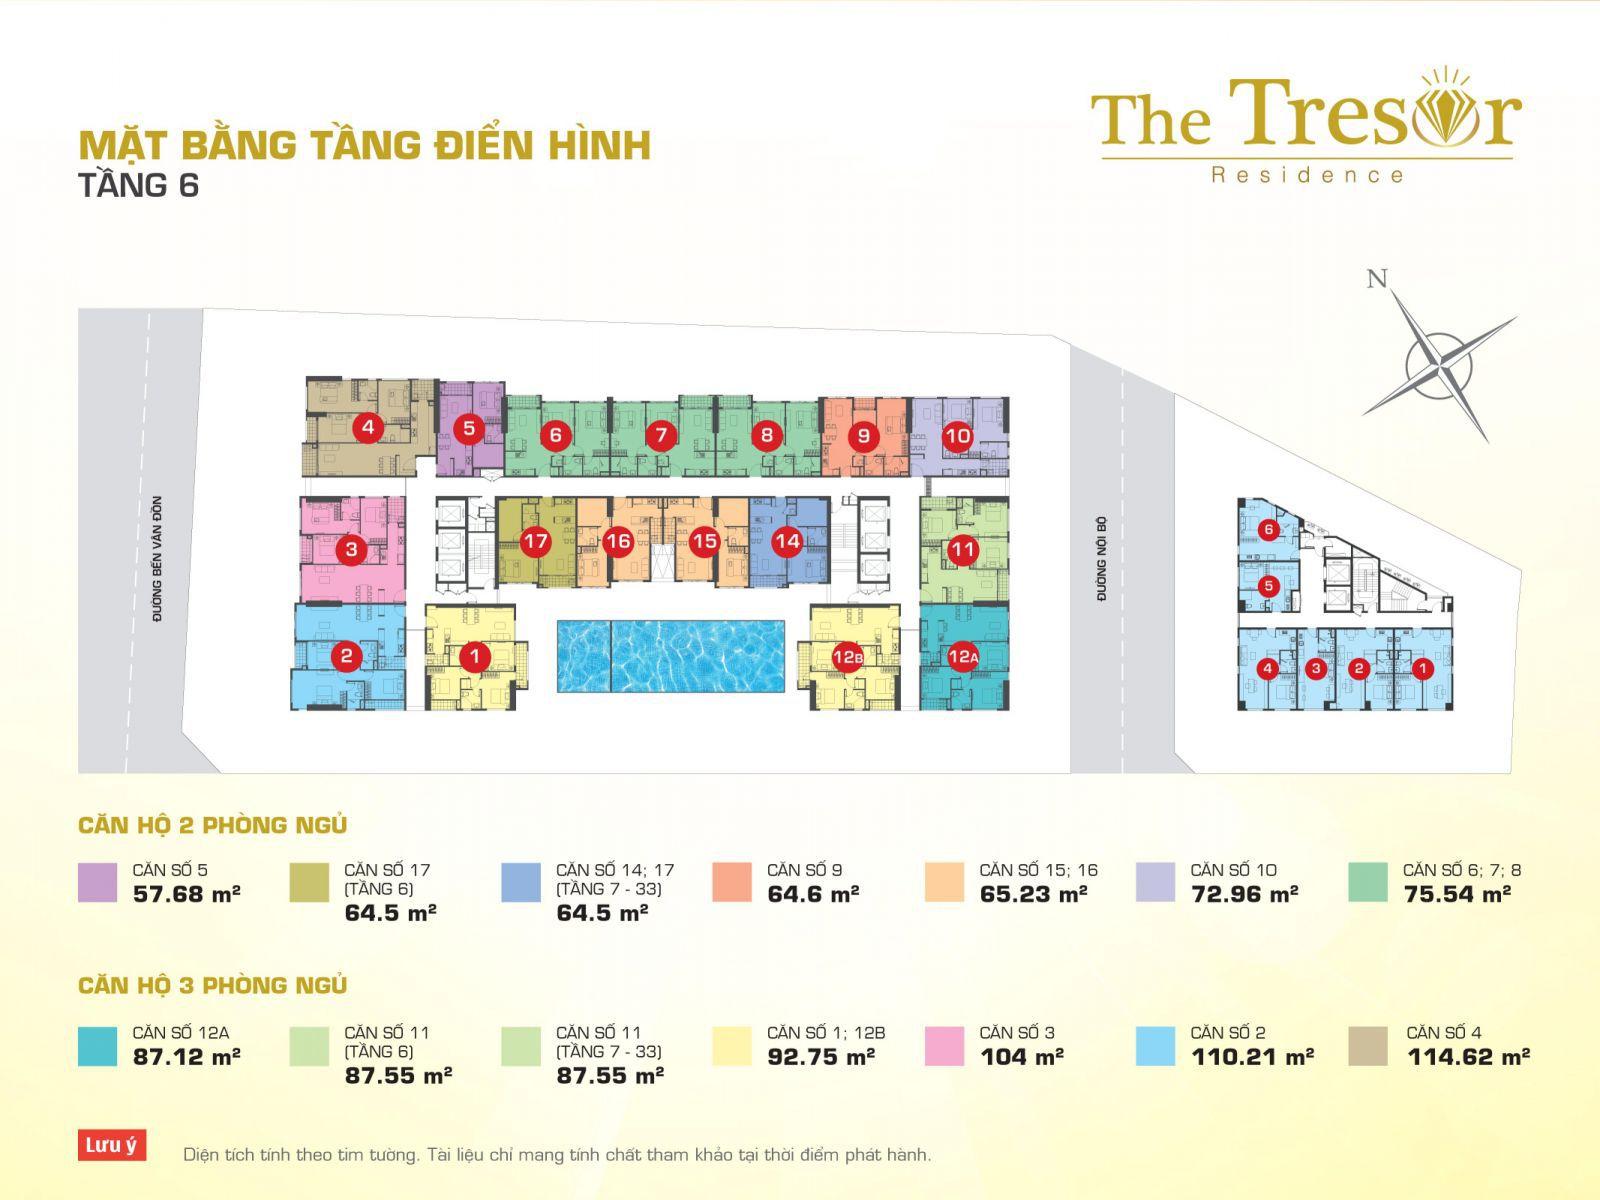 Layout Mặt Bằng Tầng Điển Hình - Tầng 6 - Block A-The Tresor